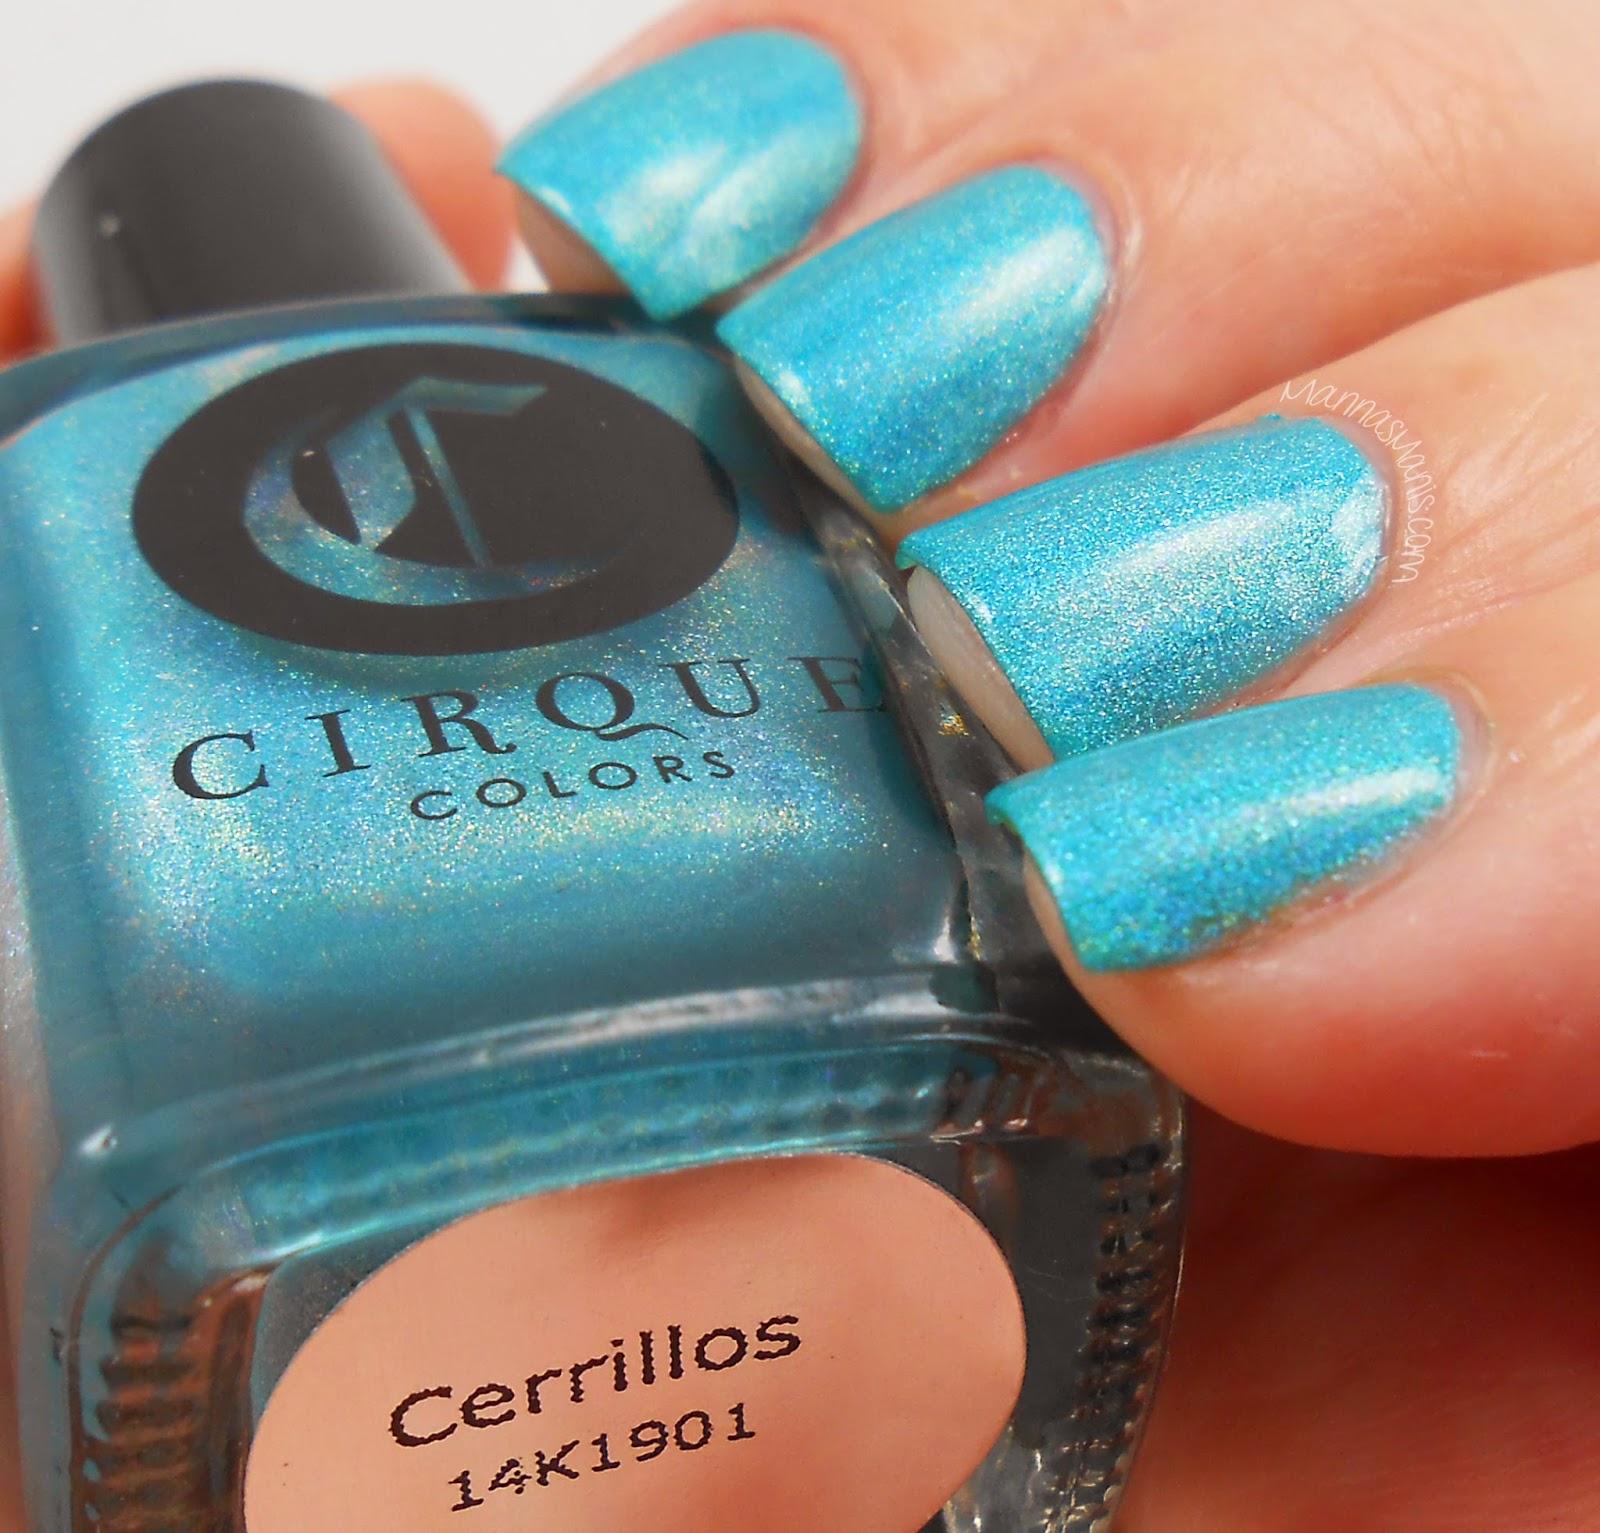 cirque colors cerrillos, a blue holographic nail polish